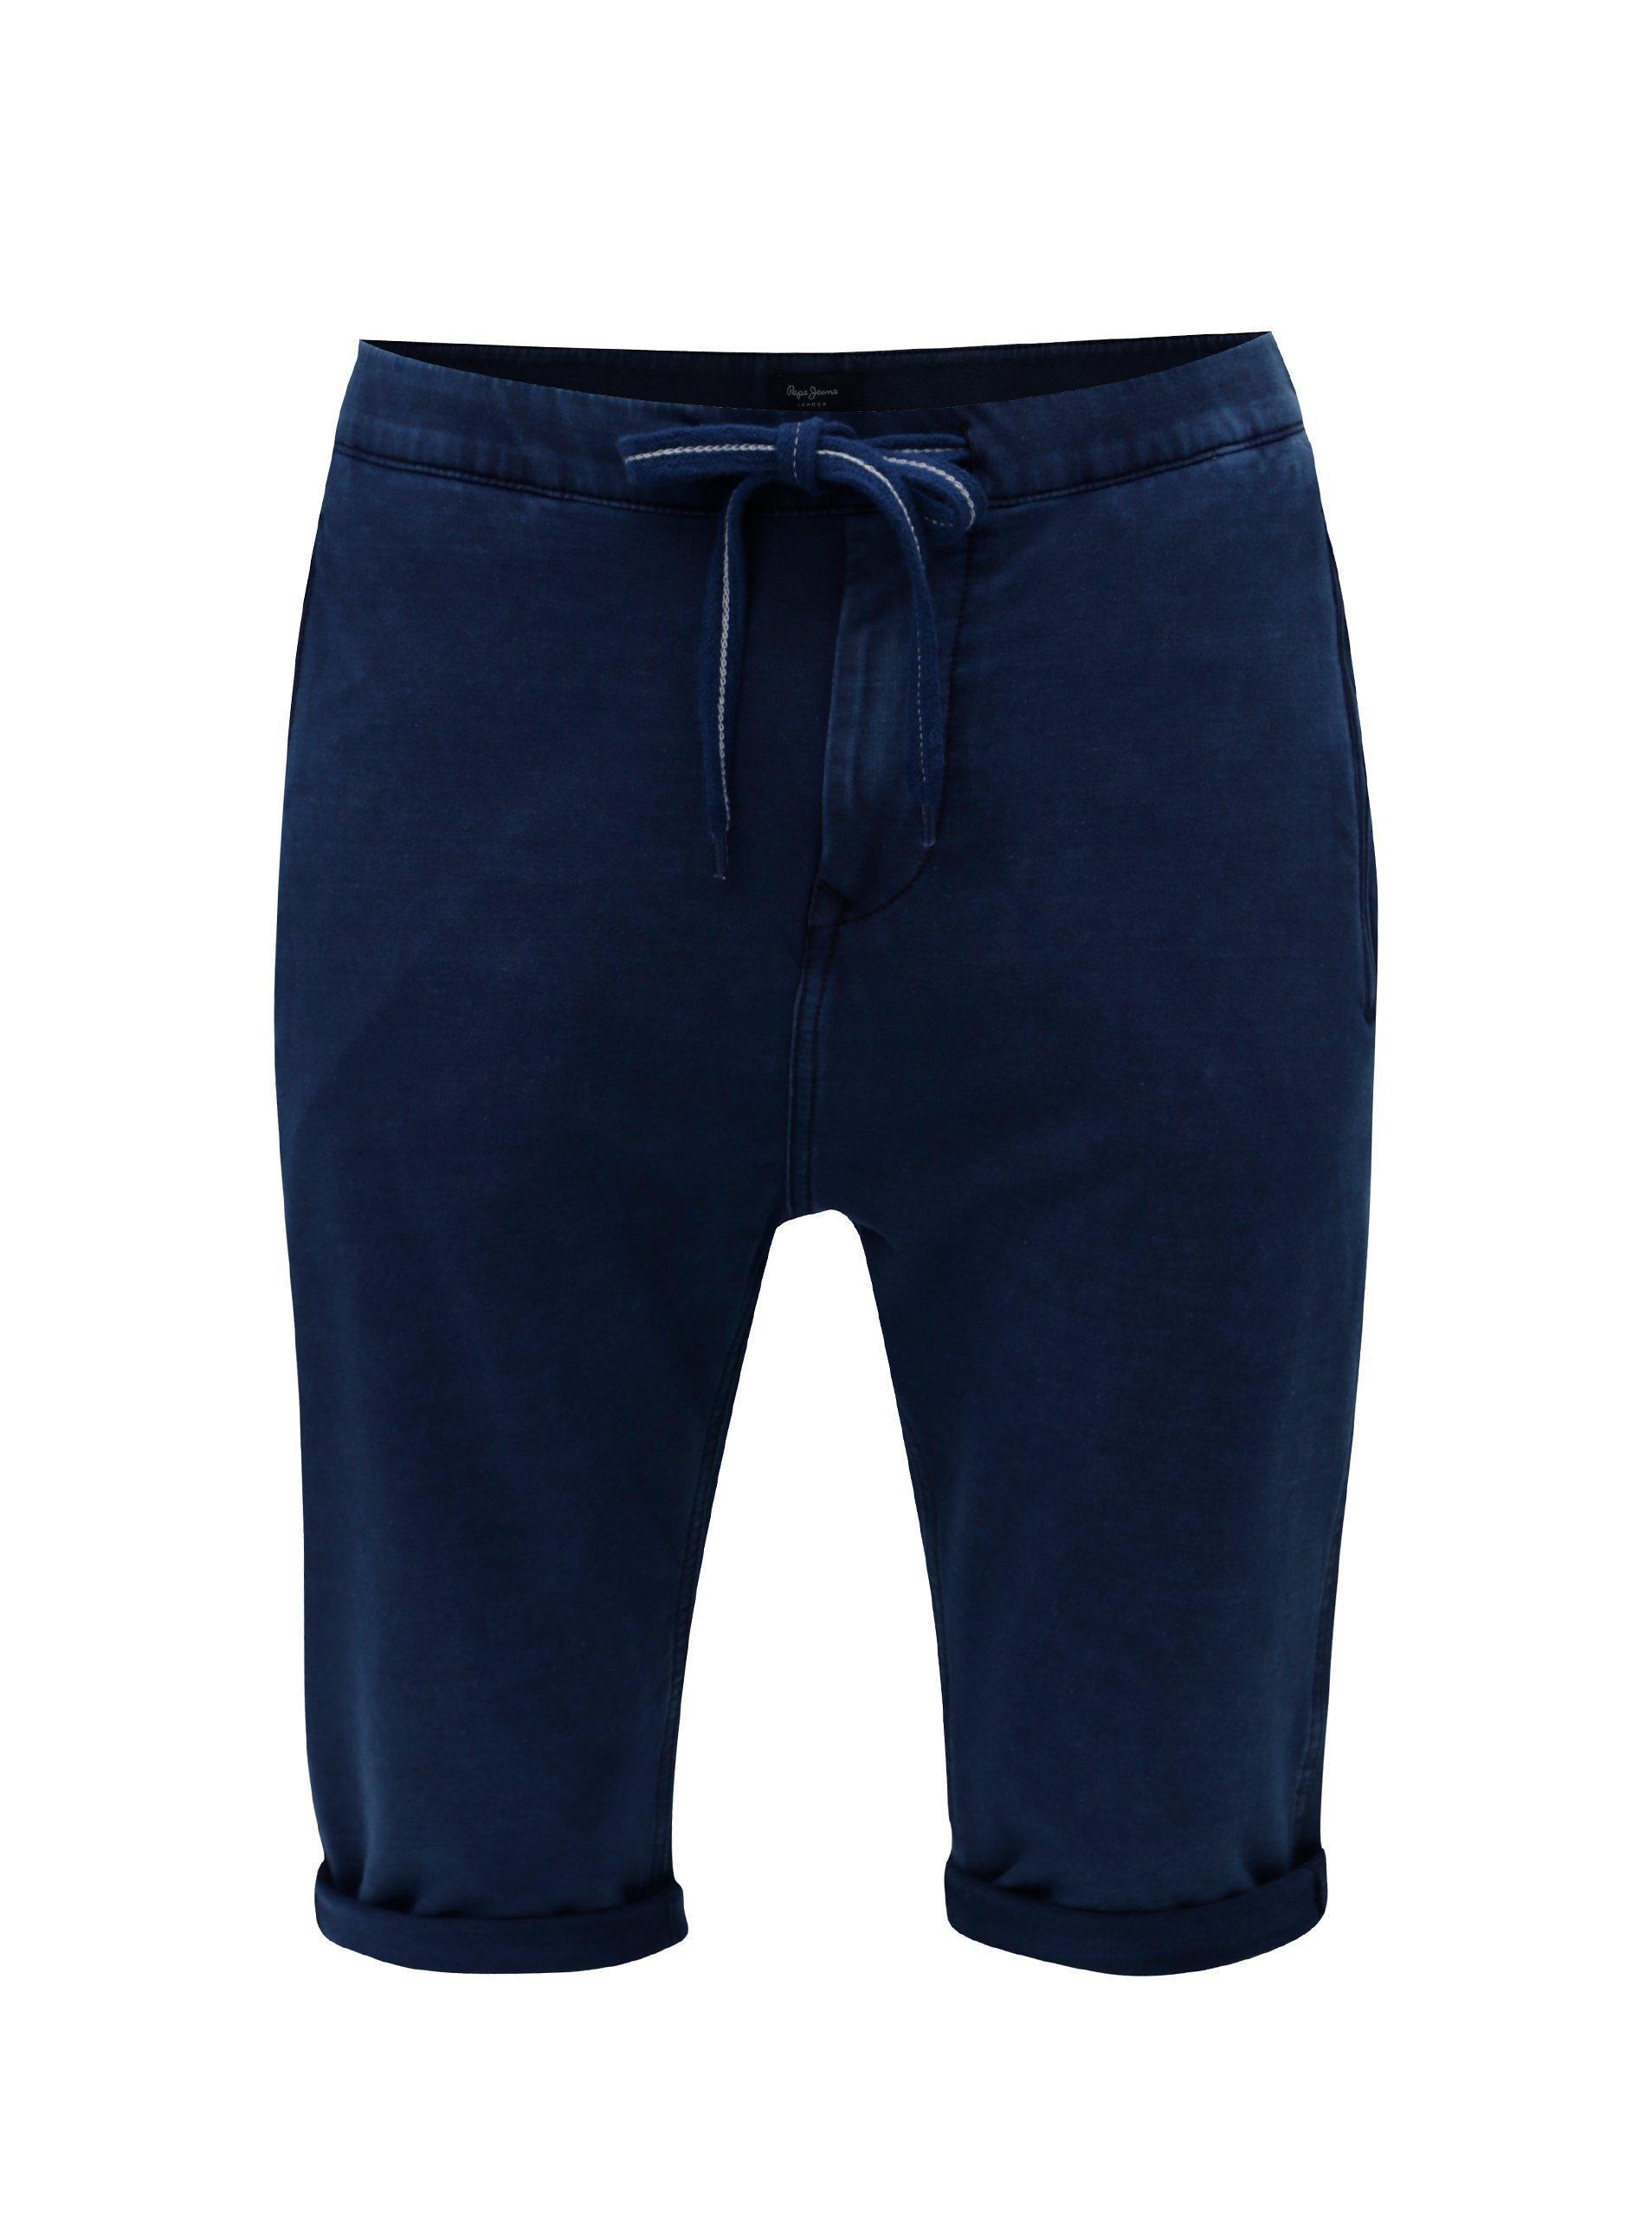 Tmavě modré pánské teplákové regular kraťasy Pepe Jeans Miles short 7cabea9232